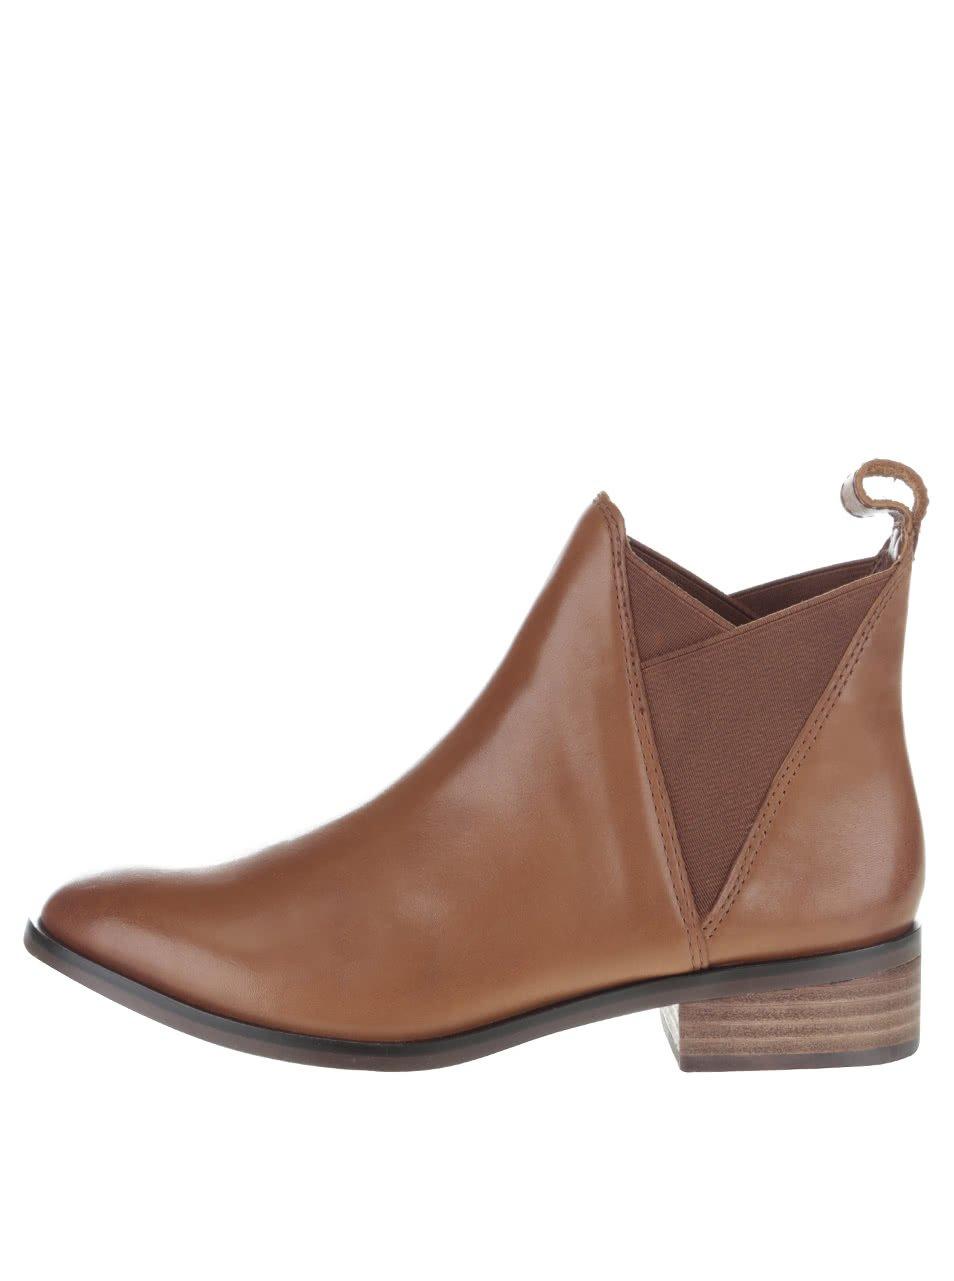 Hnědé kožené dámské chelsea boty ALDO Scotch